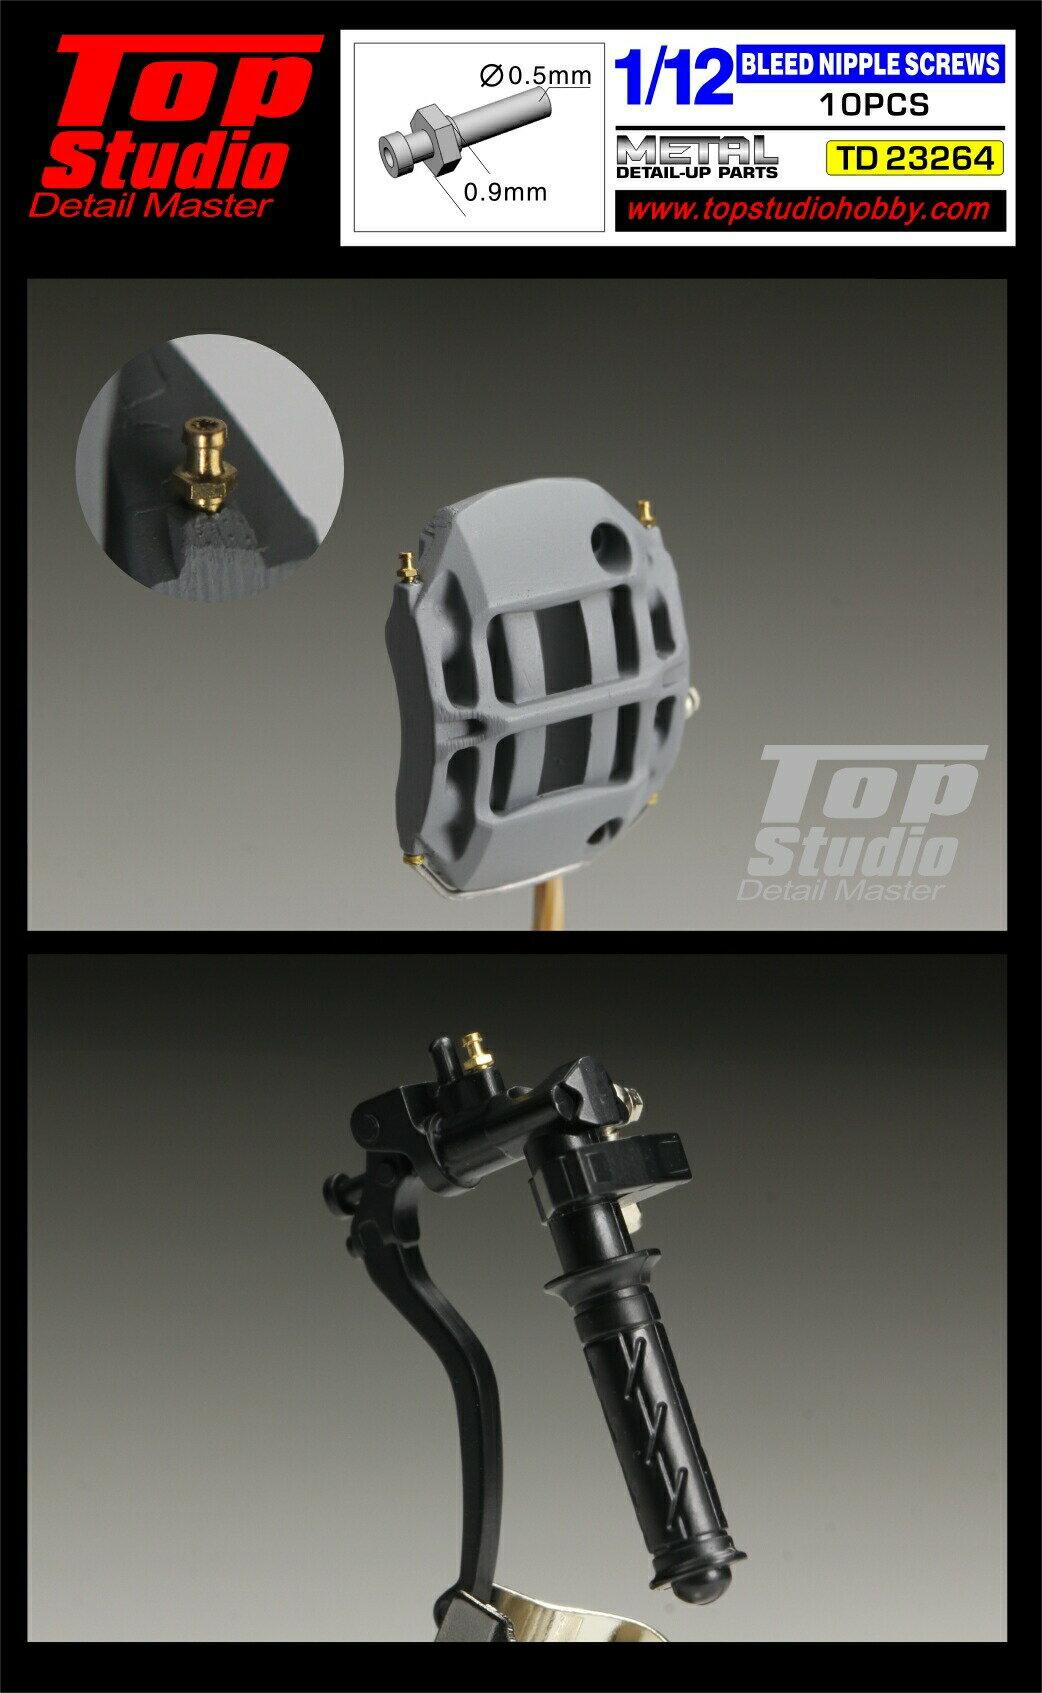 プラモデル・模型, その他  TOP STUDIO 112 HEX 0.9mm 0.5mm 10 (td23264)